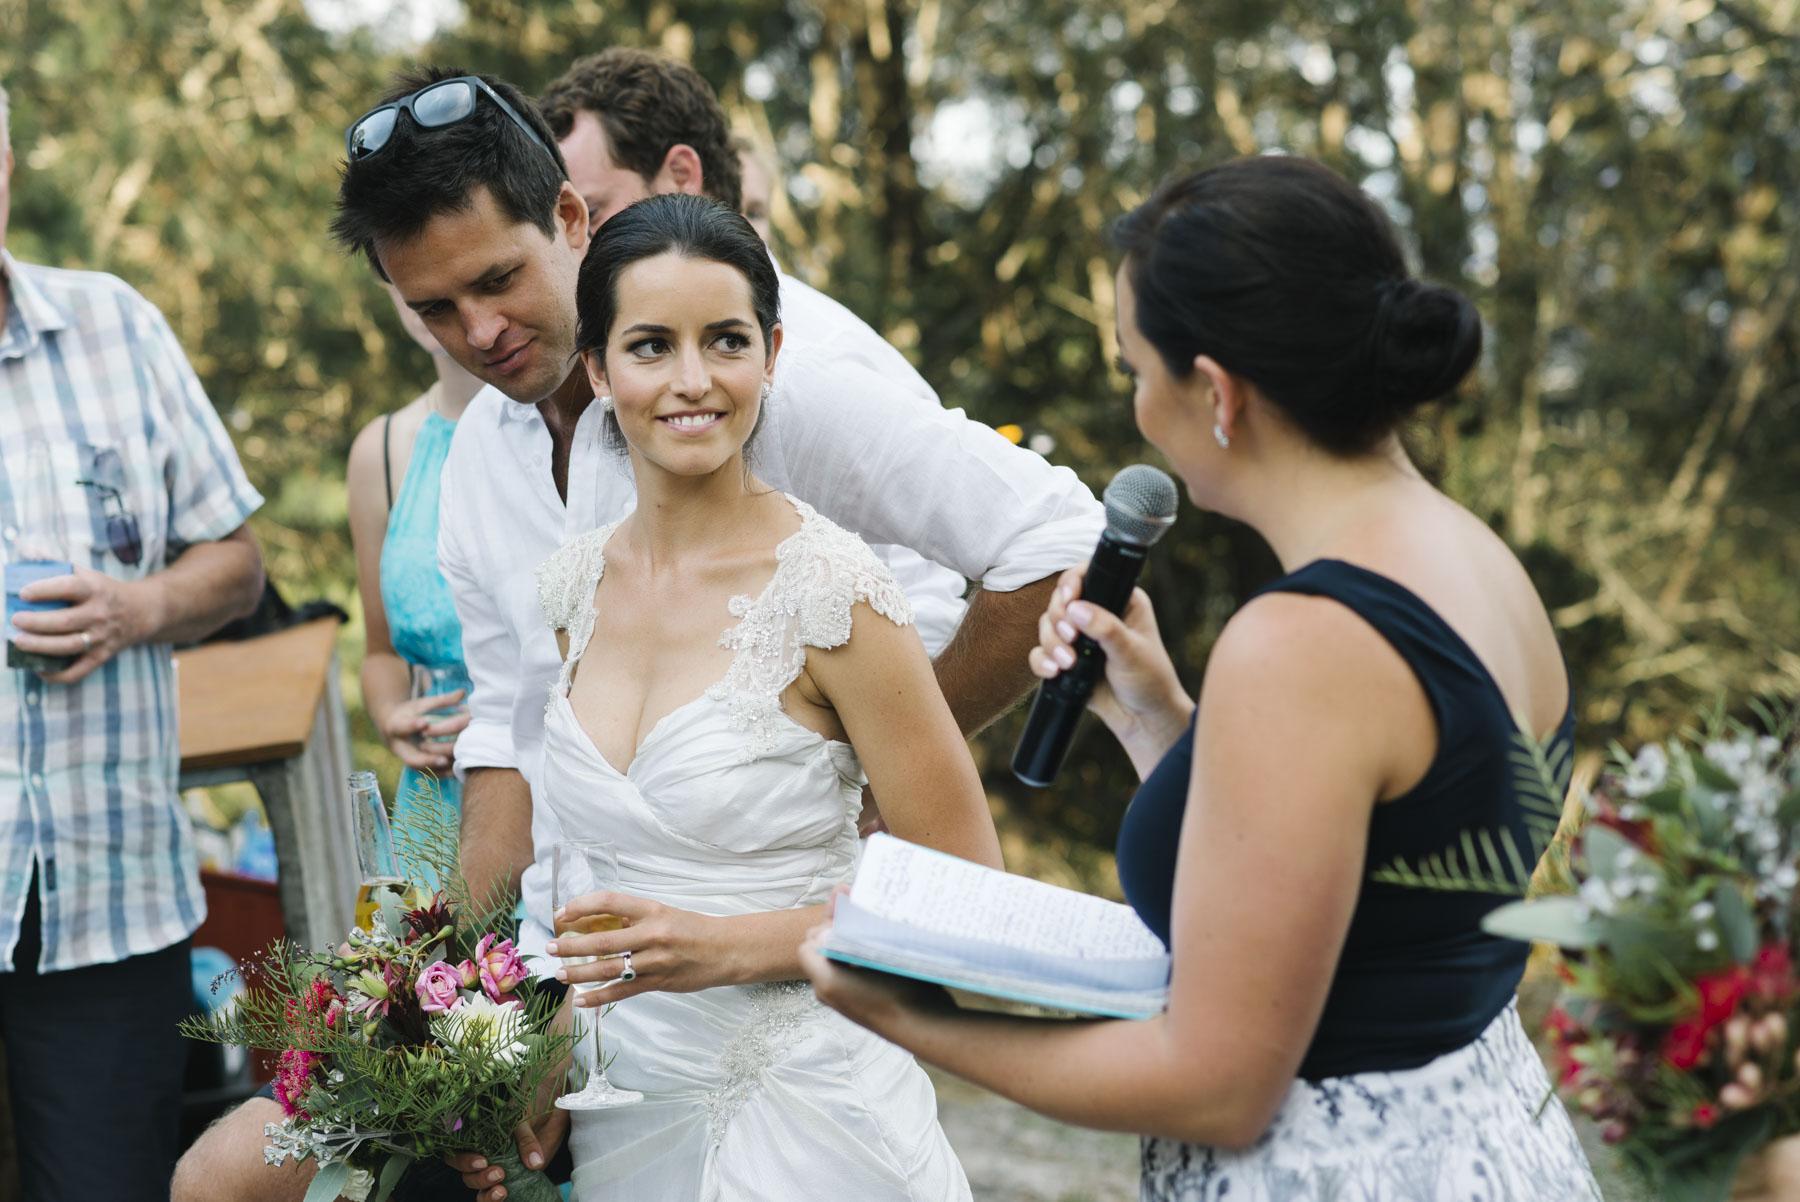 1501curchill-349alan_moyle_wedding_portrait_brighton_bayside_bay_of_fires_rustic_styled_rustic_beach_candid_documentry_binalongbay_tasmania_destination.jpg